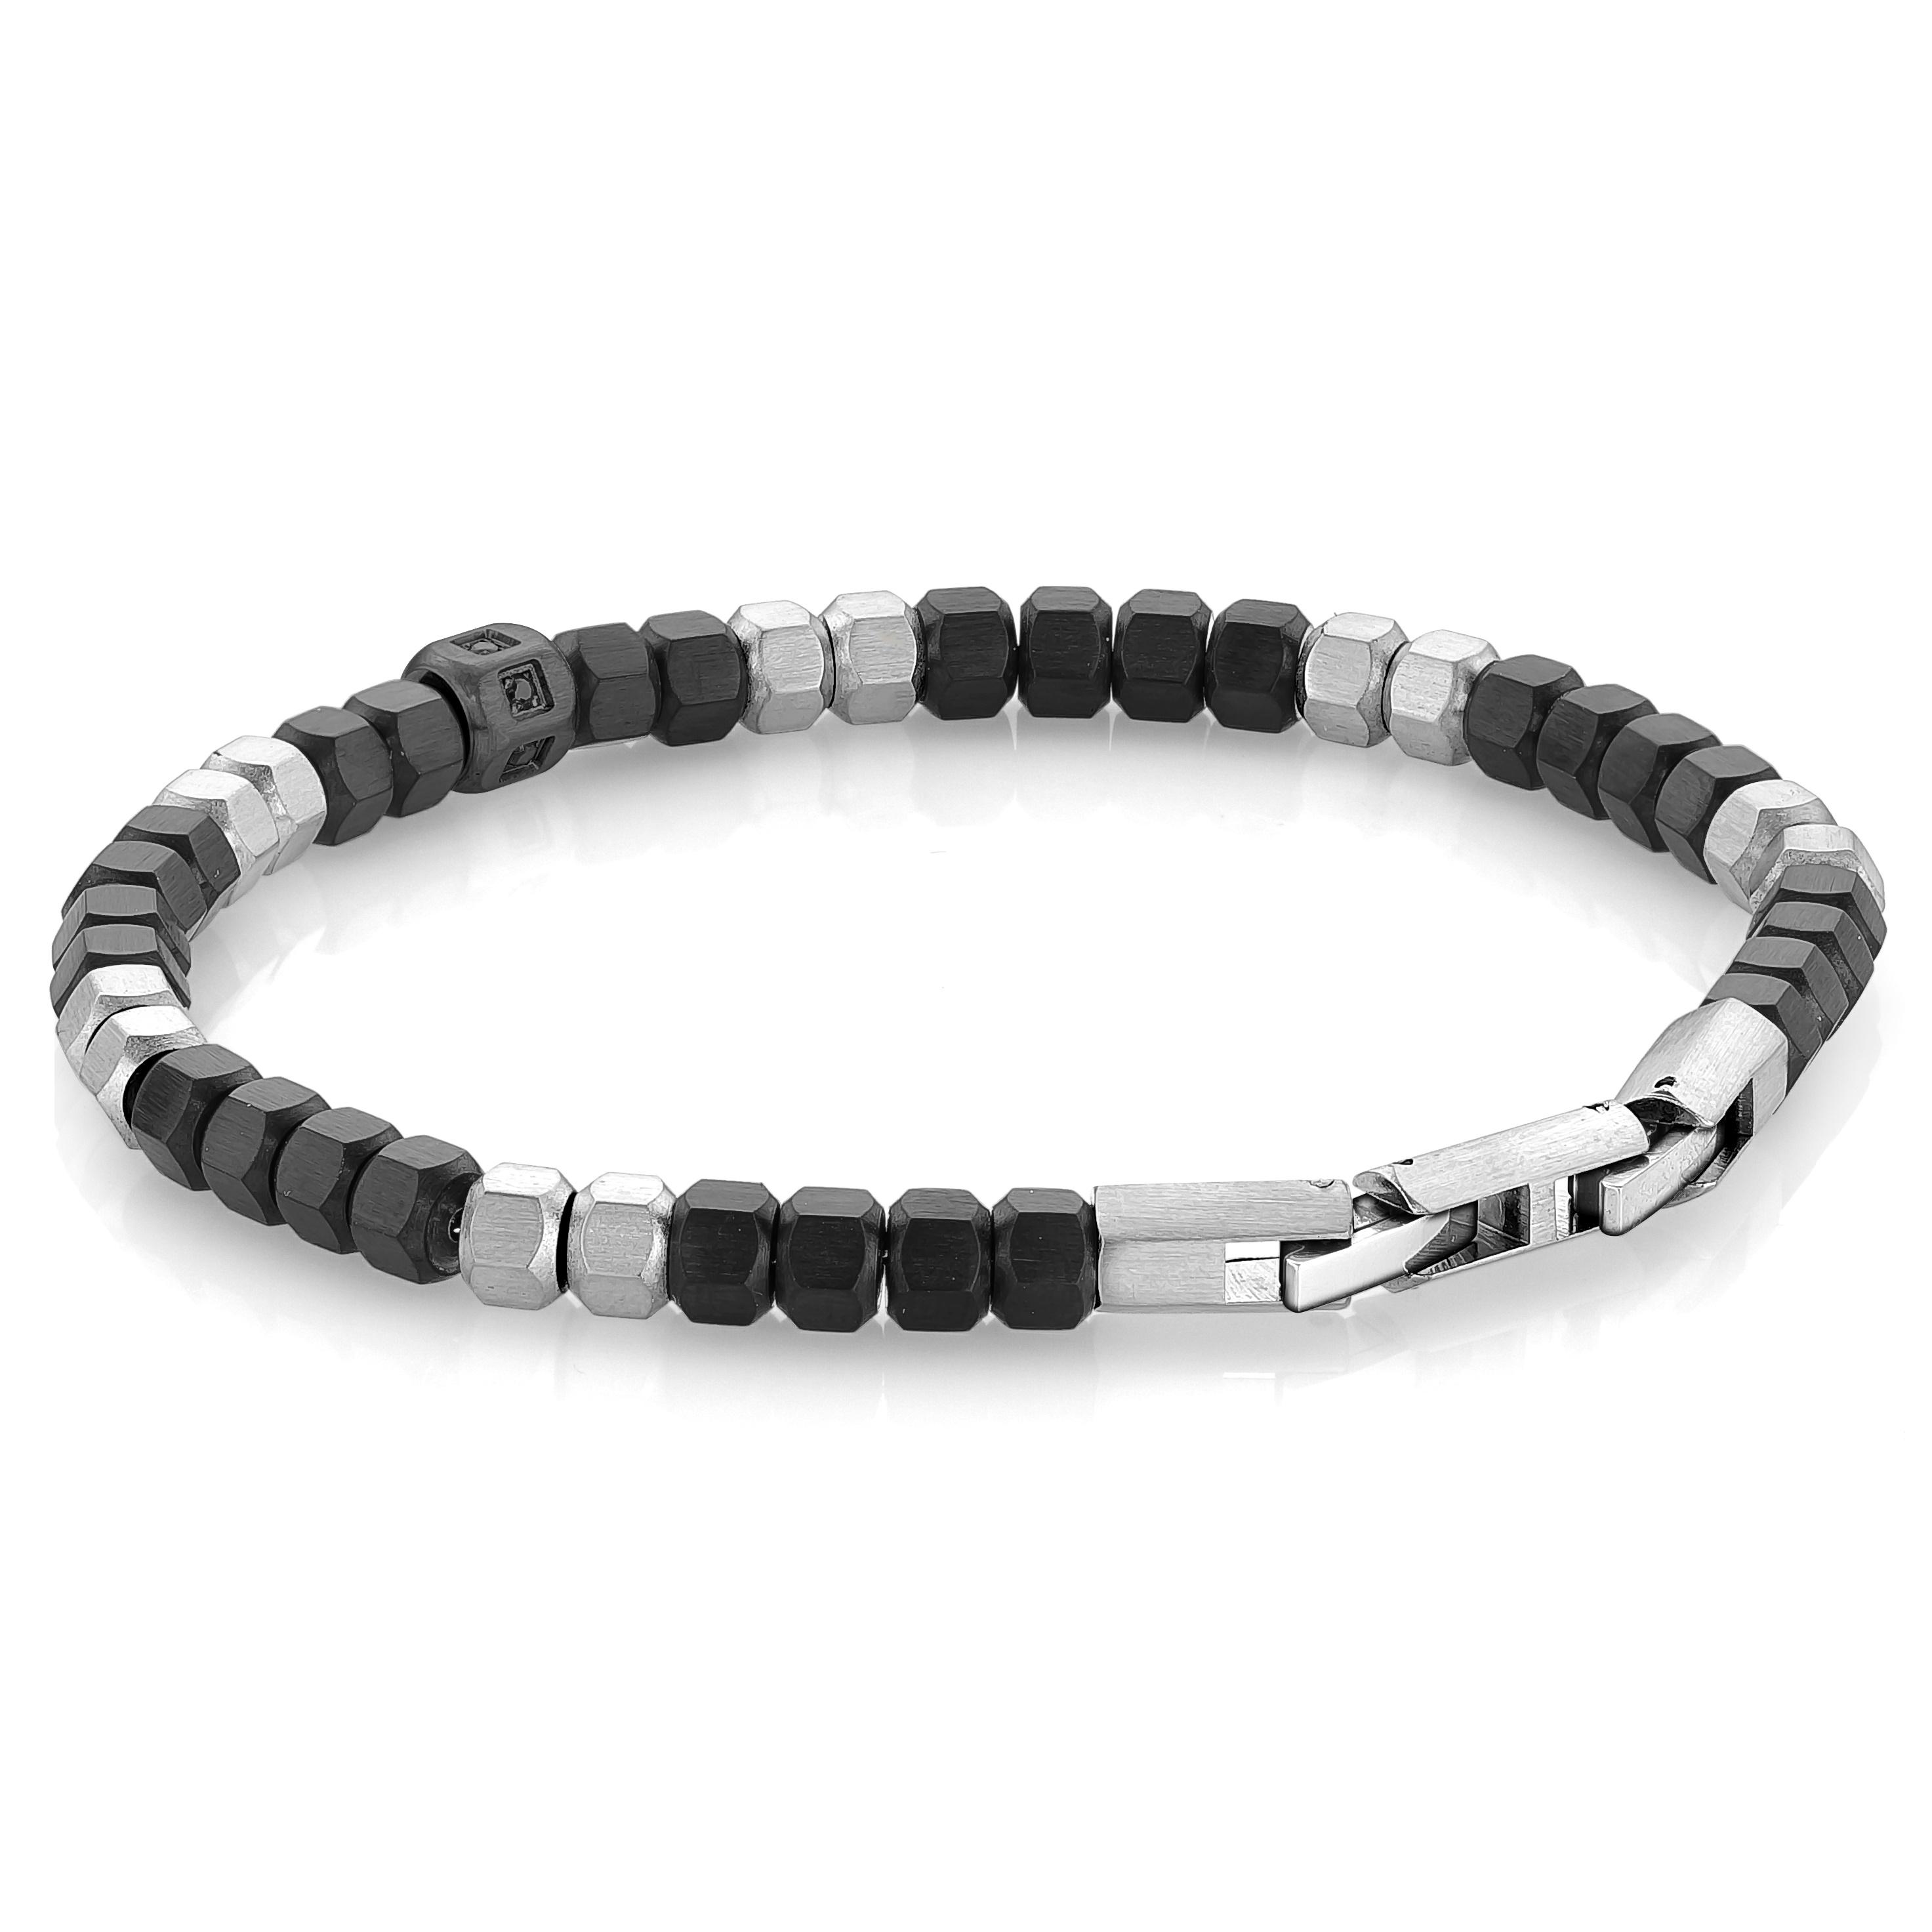 Hexagon beads bracelet for man - 2 tone stainless steel